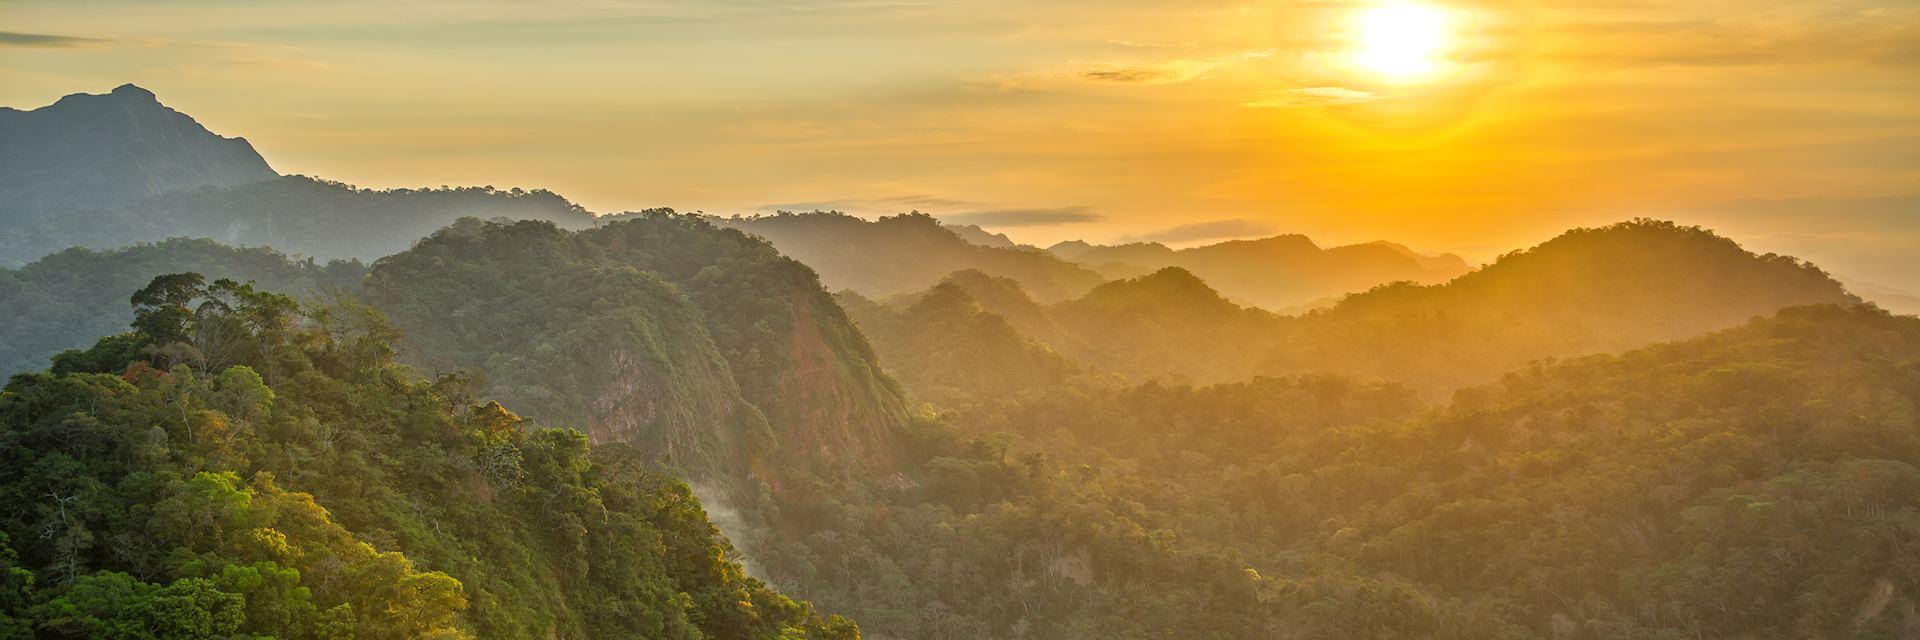 Sunset over a Bolivian rainforest